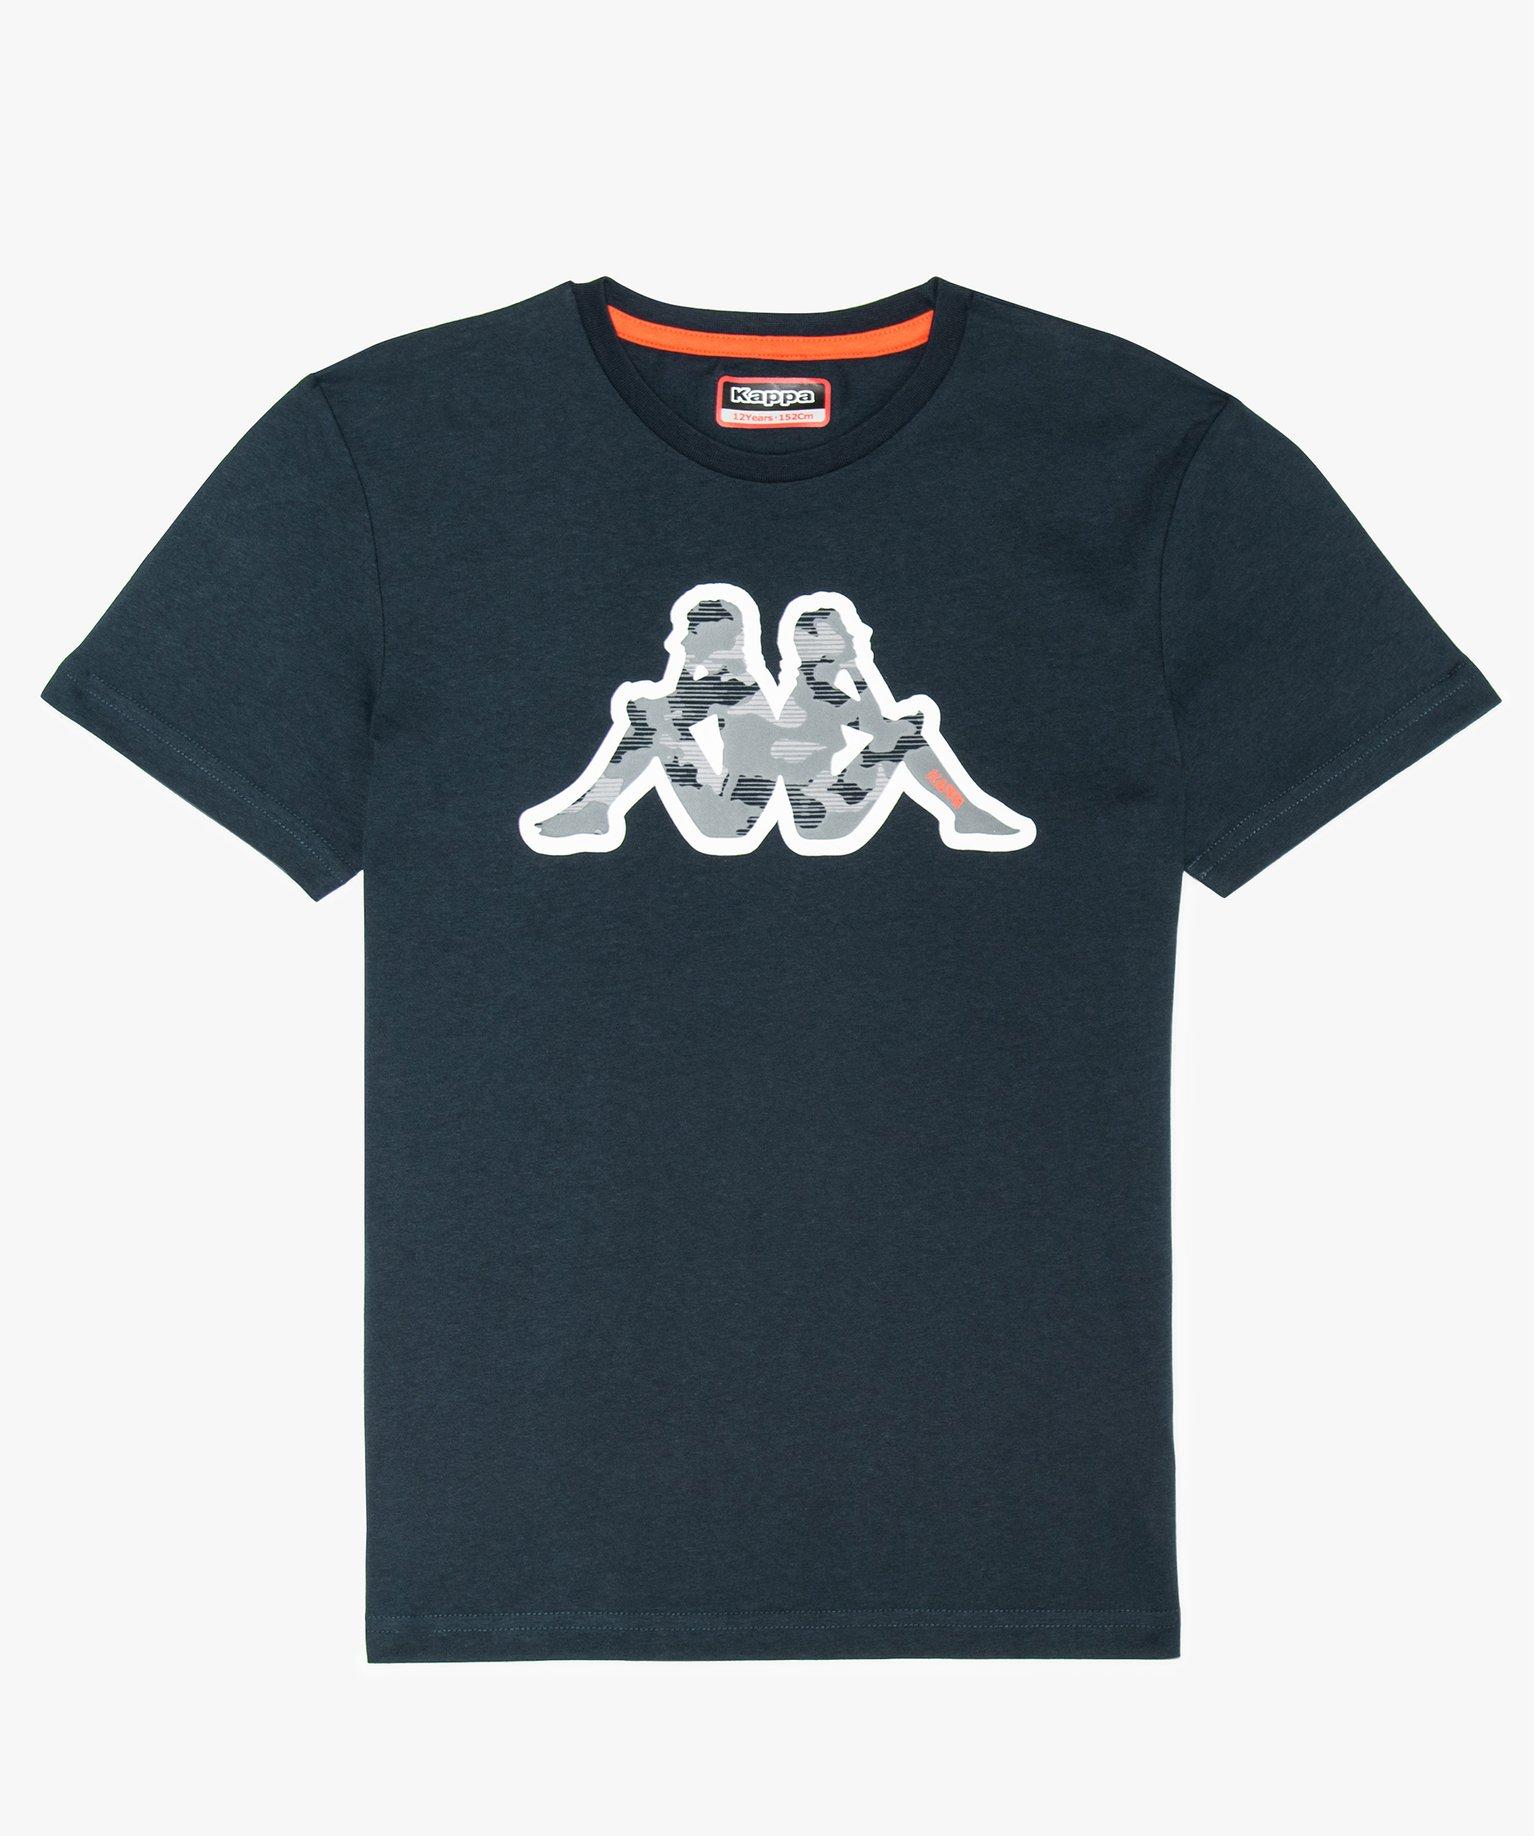 Tee-shirt de sport garçon avec motif sur l'avant - Kappa